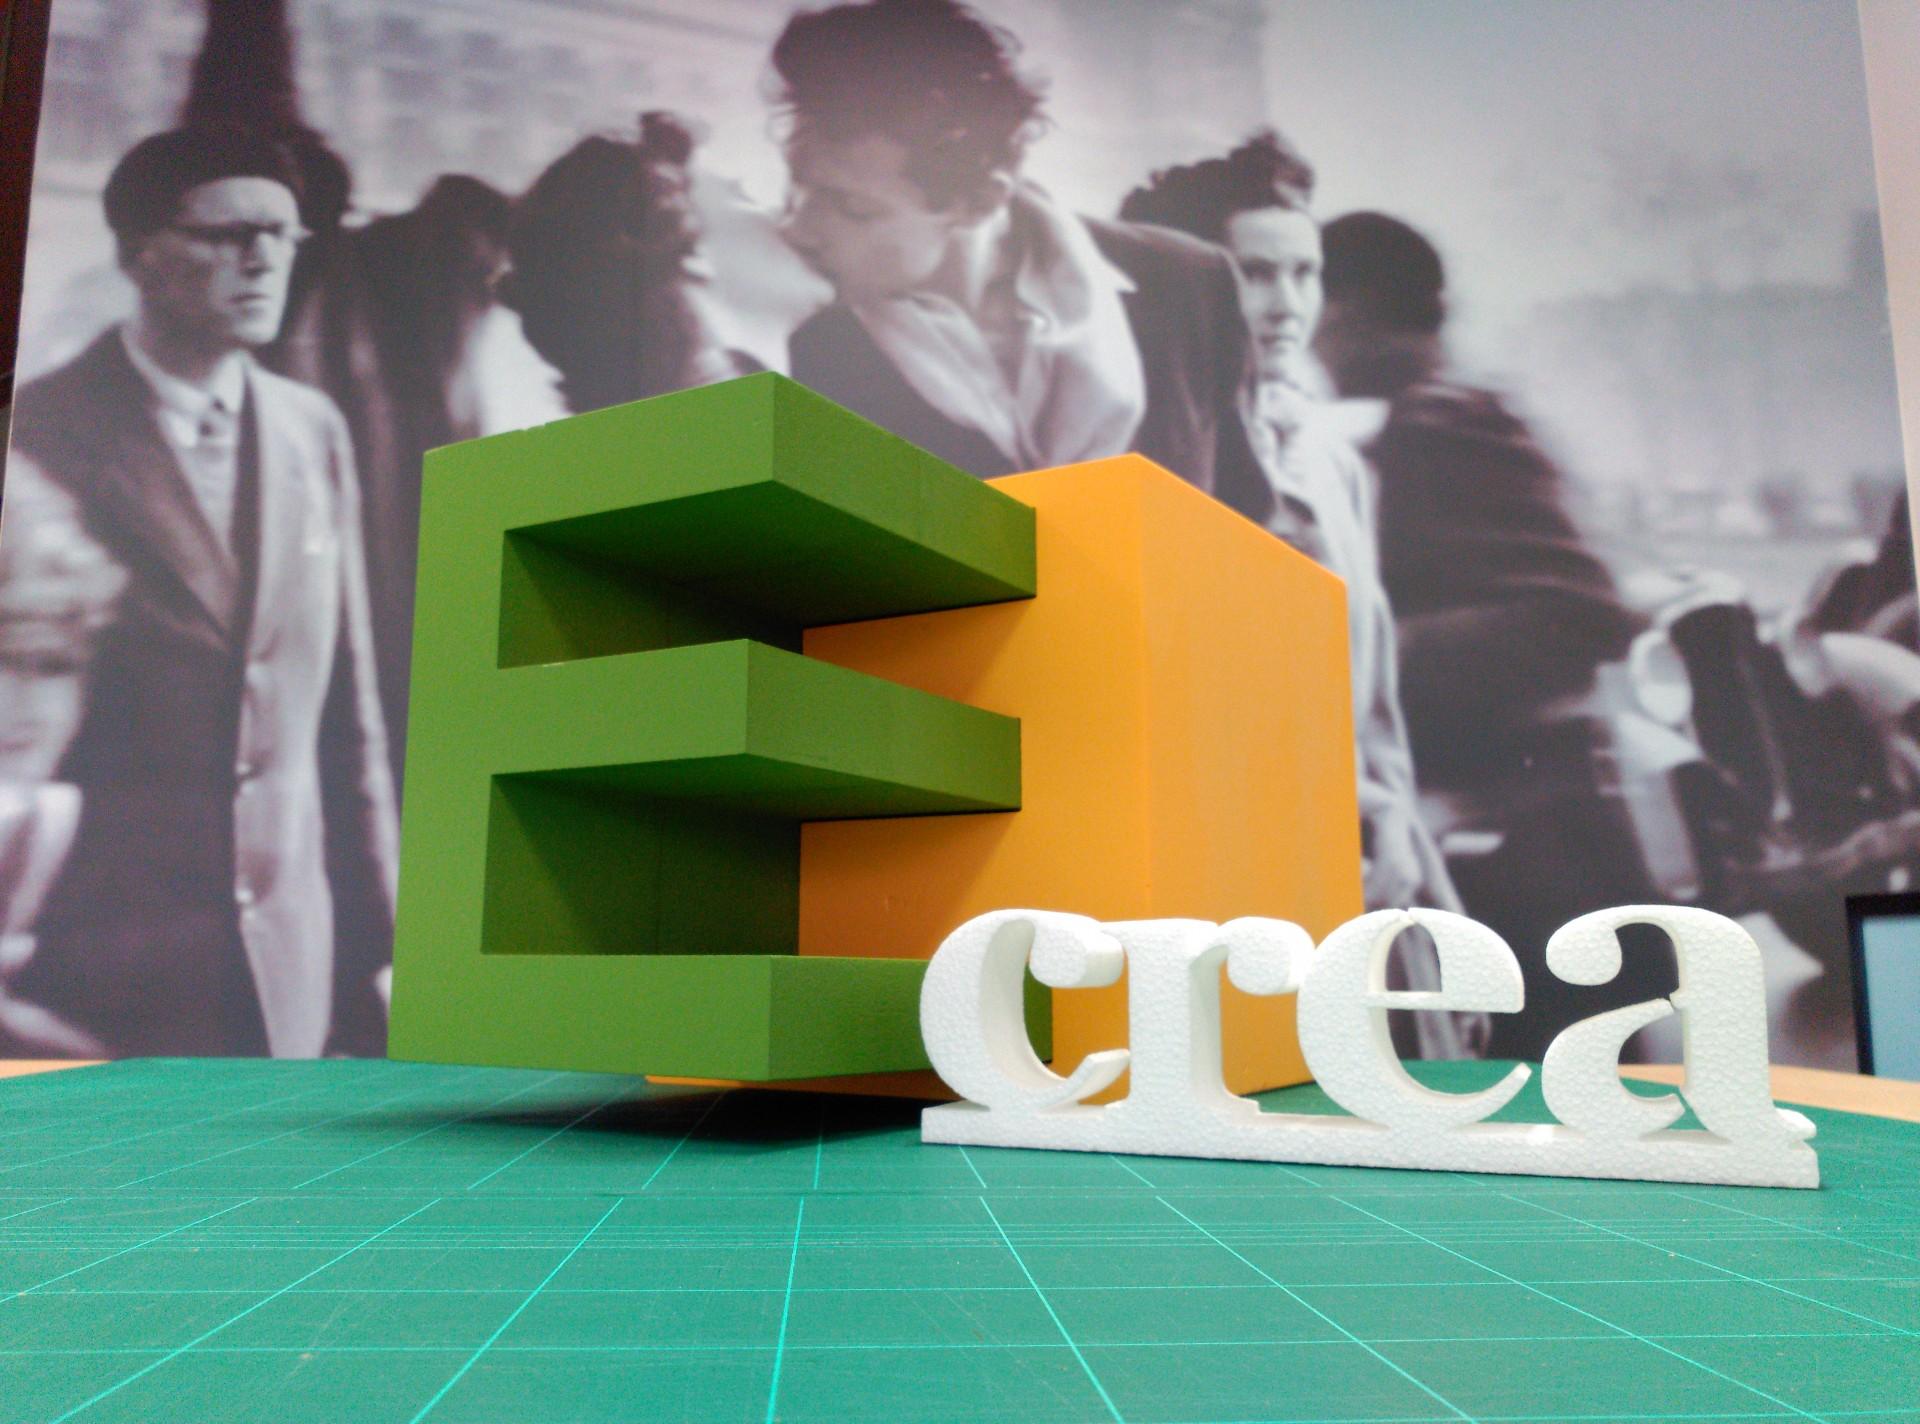 crea_imagen_creaimagen_rotulacion_diseño_vinilos_impresion_letras_corpóreas_poliestireno